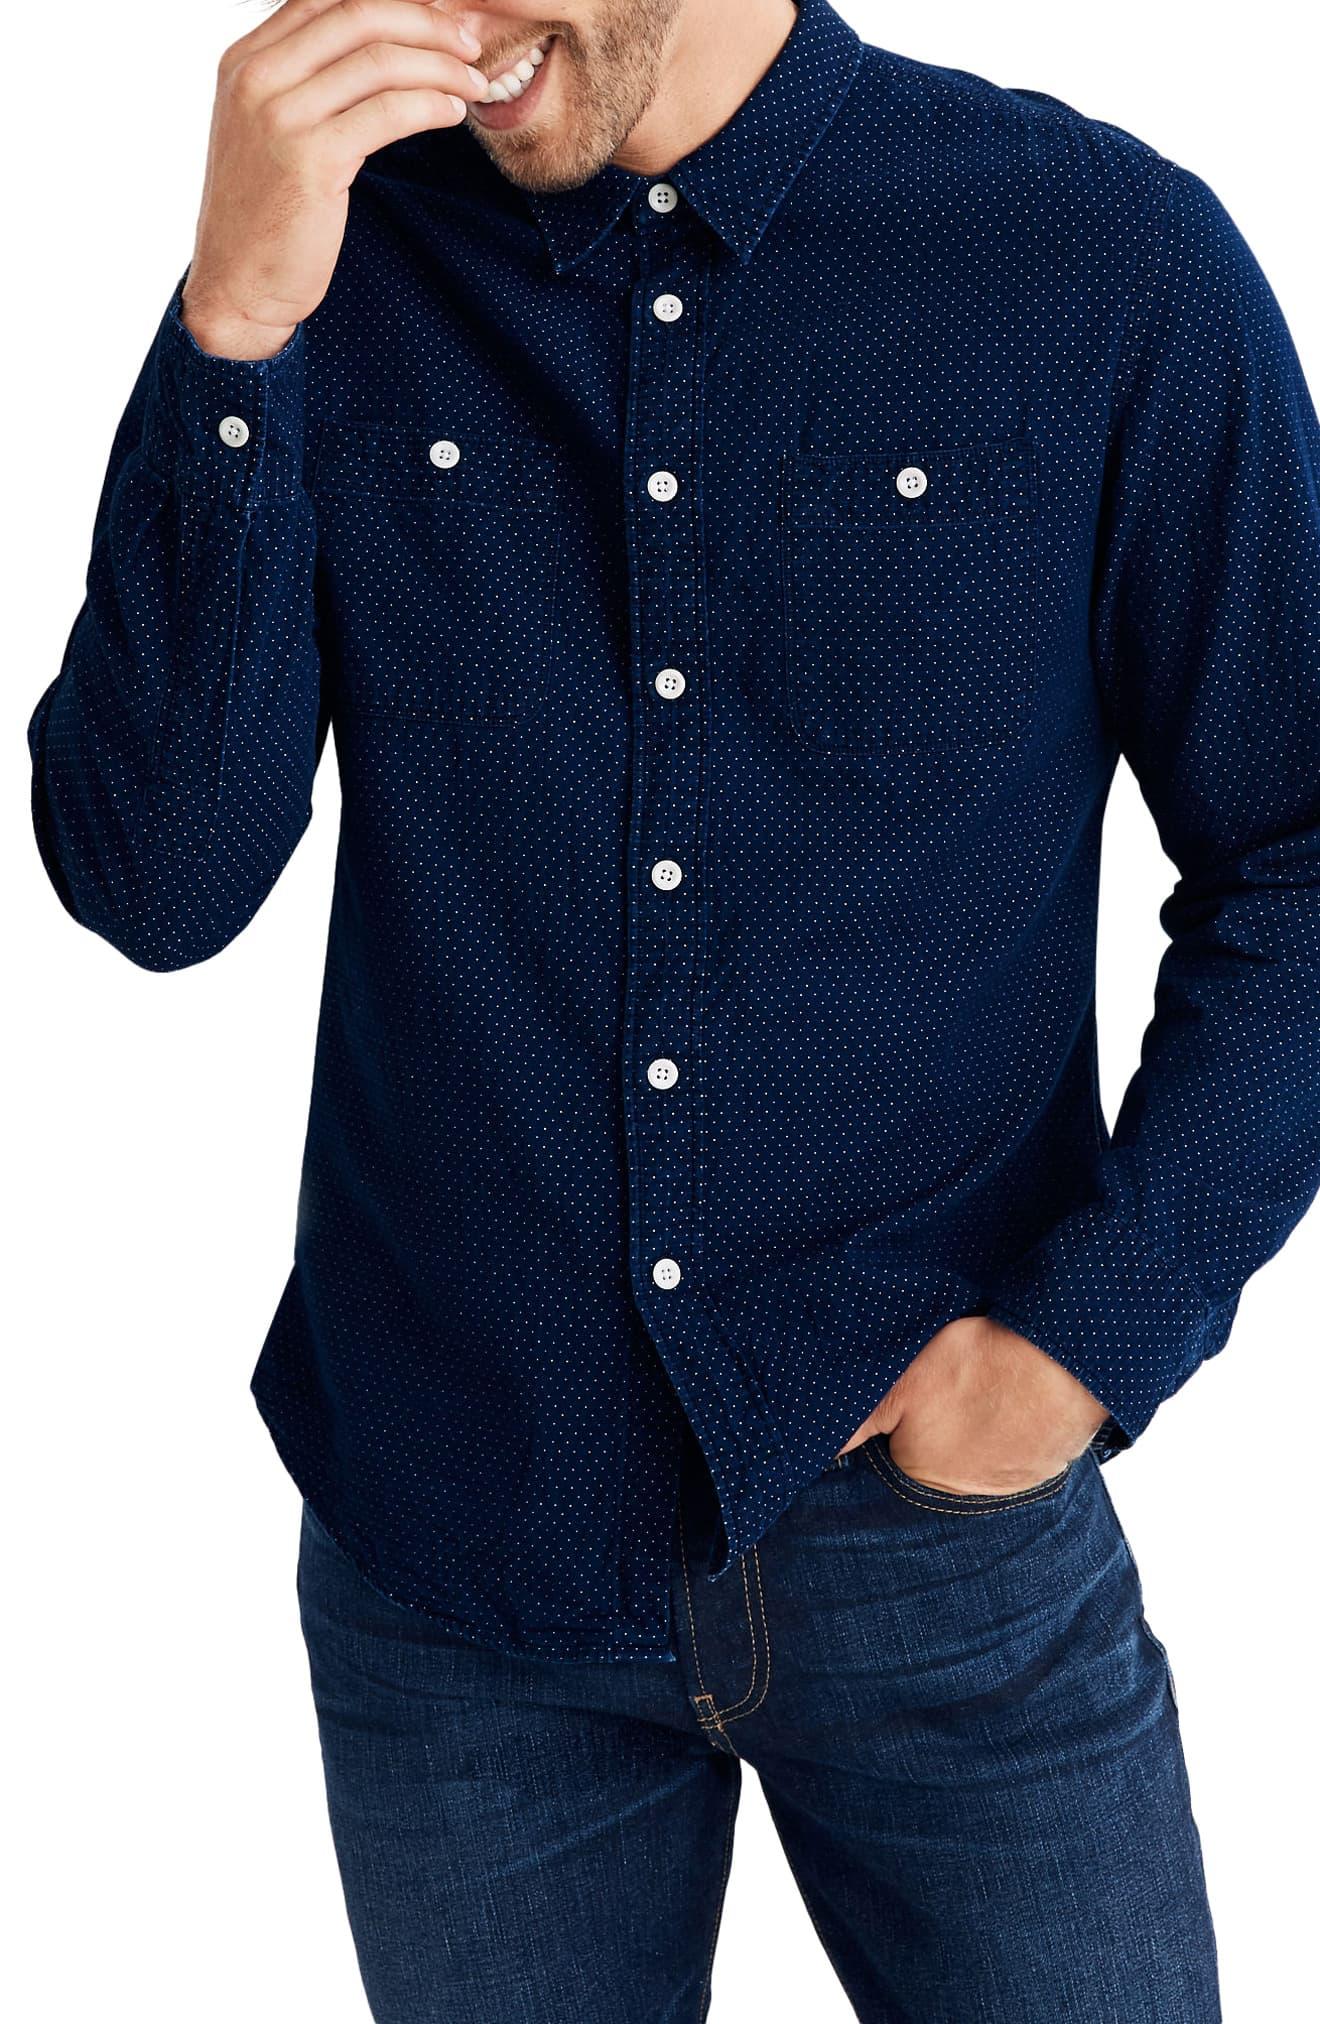 Mens Madewell Textured Dot Long Sleeve Work Shirt Size Small Blue